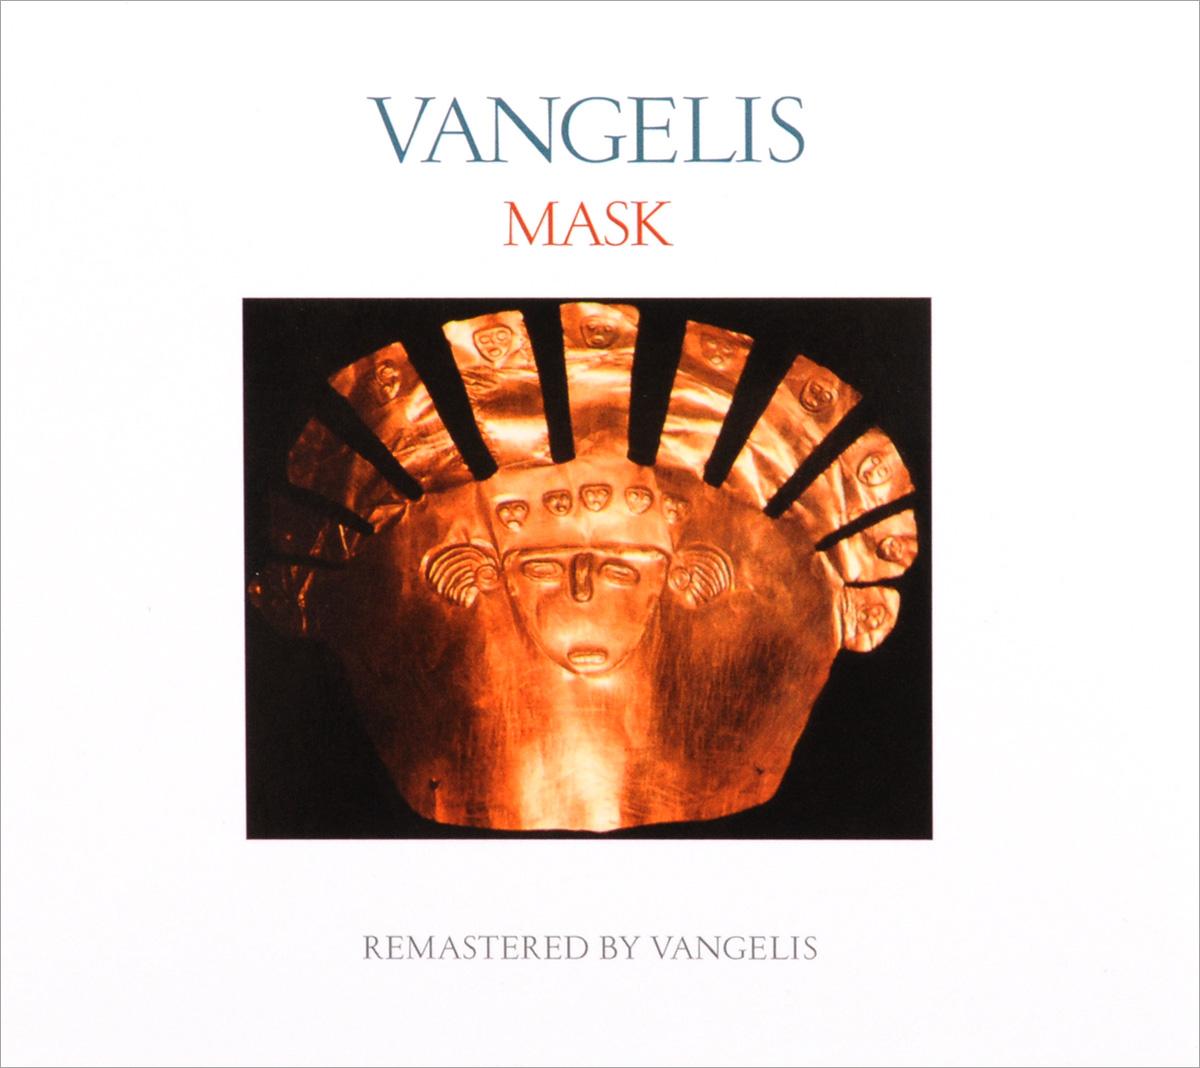 лучшая цена Вангелис Vangelis. Mask